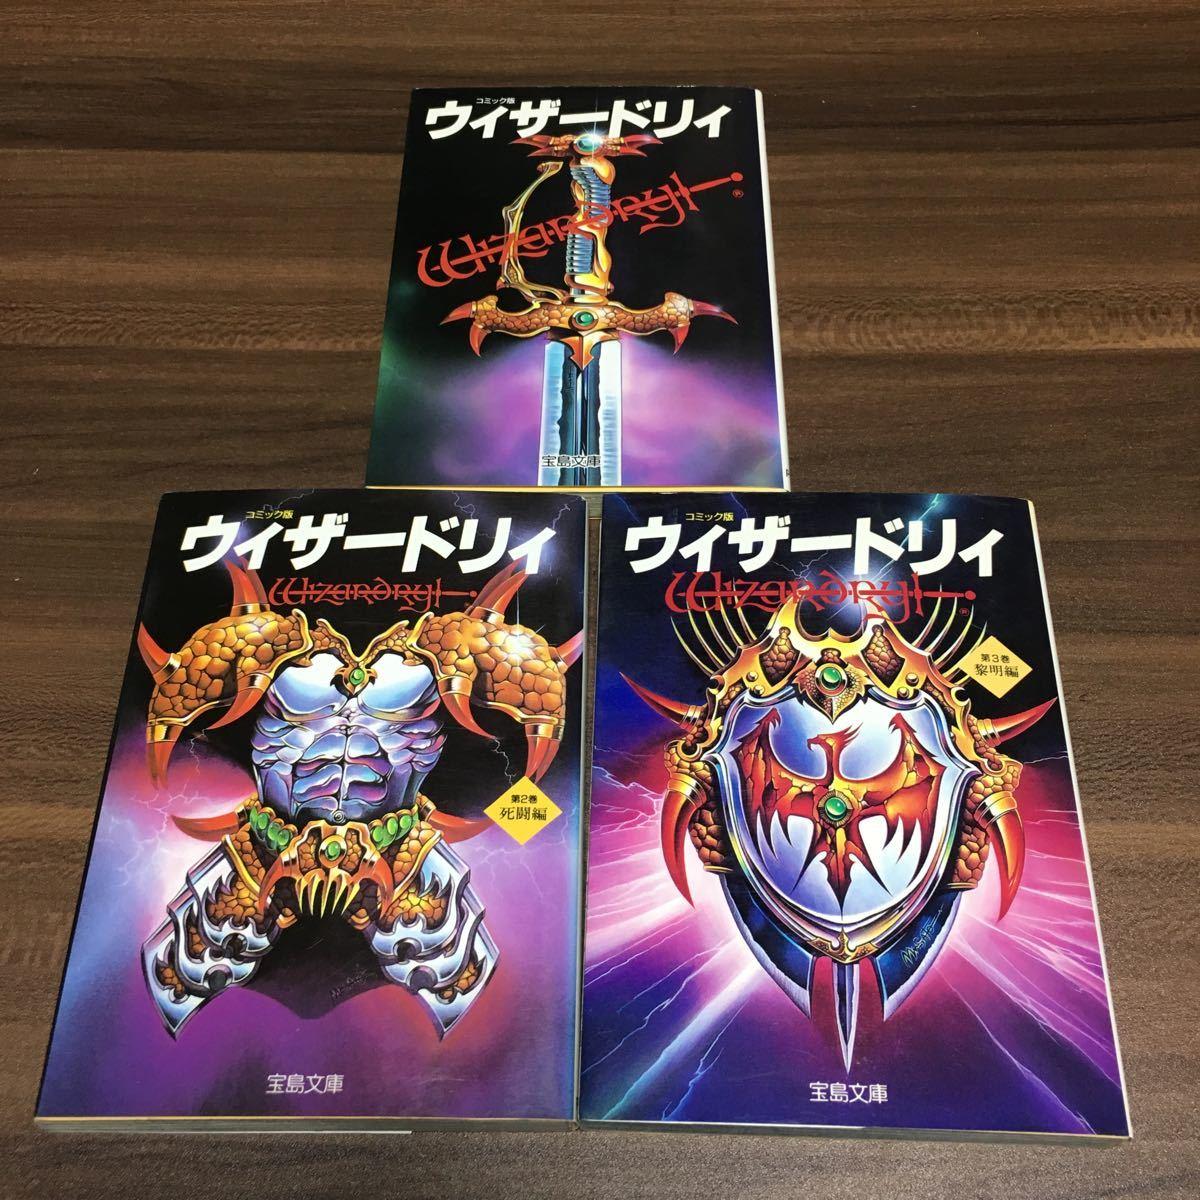 コミック版 ウィザードリィ 文庫3冊